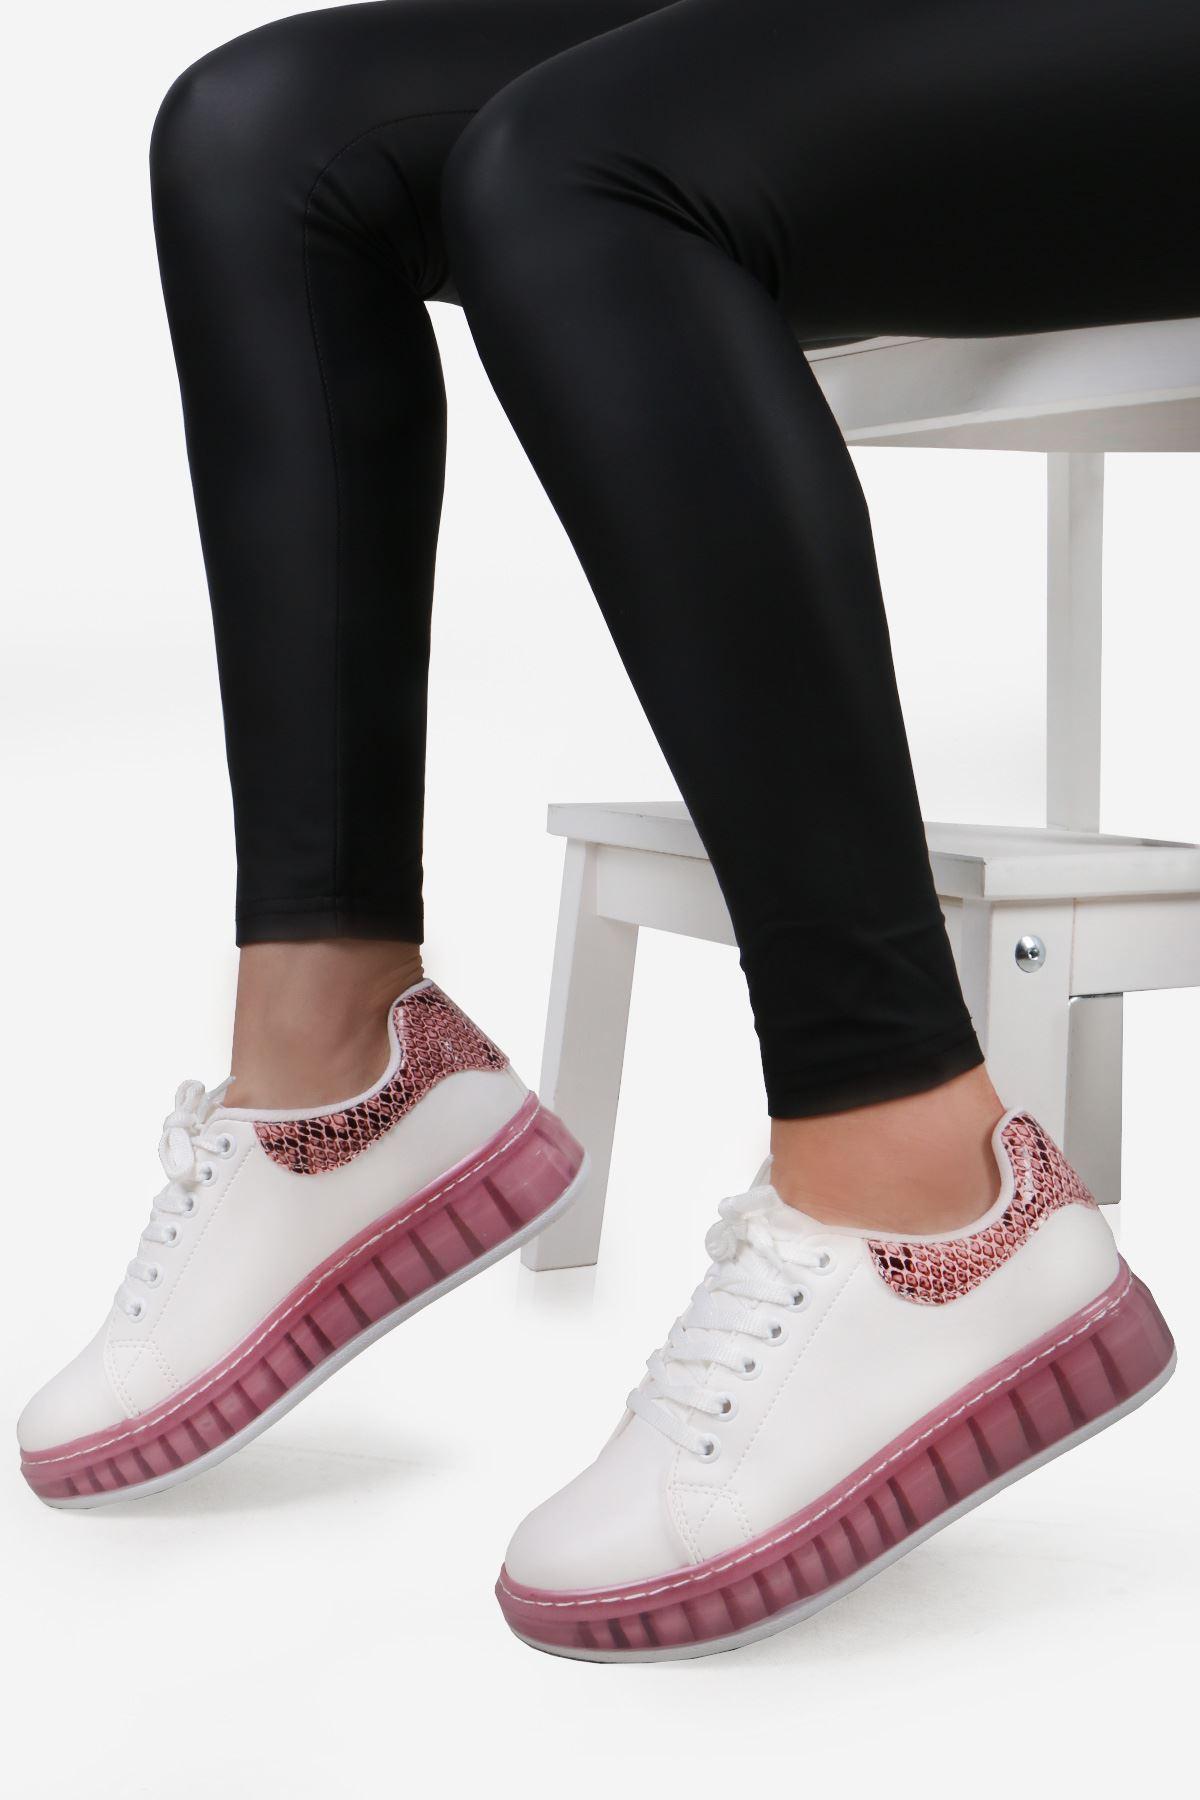 Beyaz Pudra Yılan Detay Spor Ayakkabı